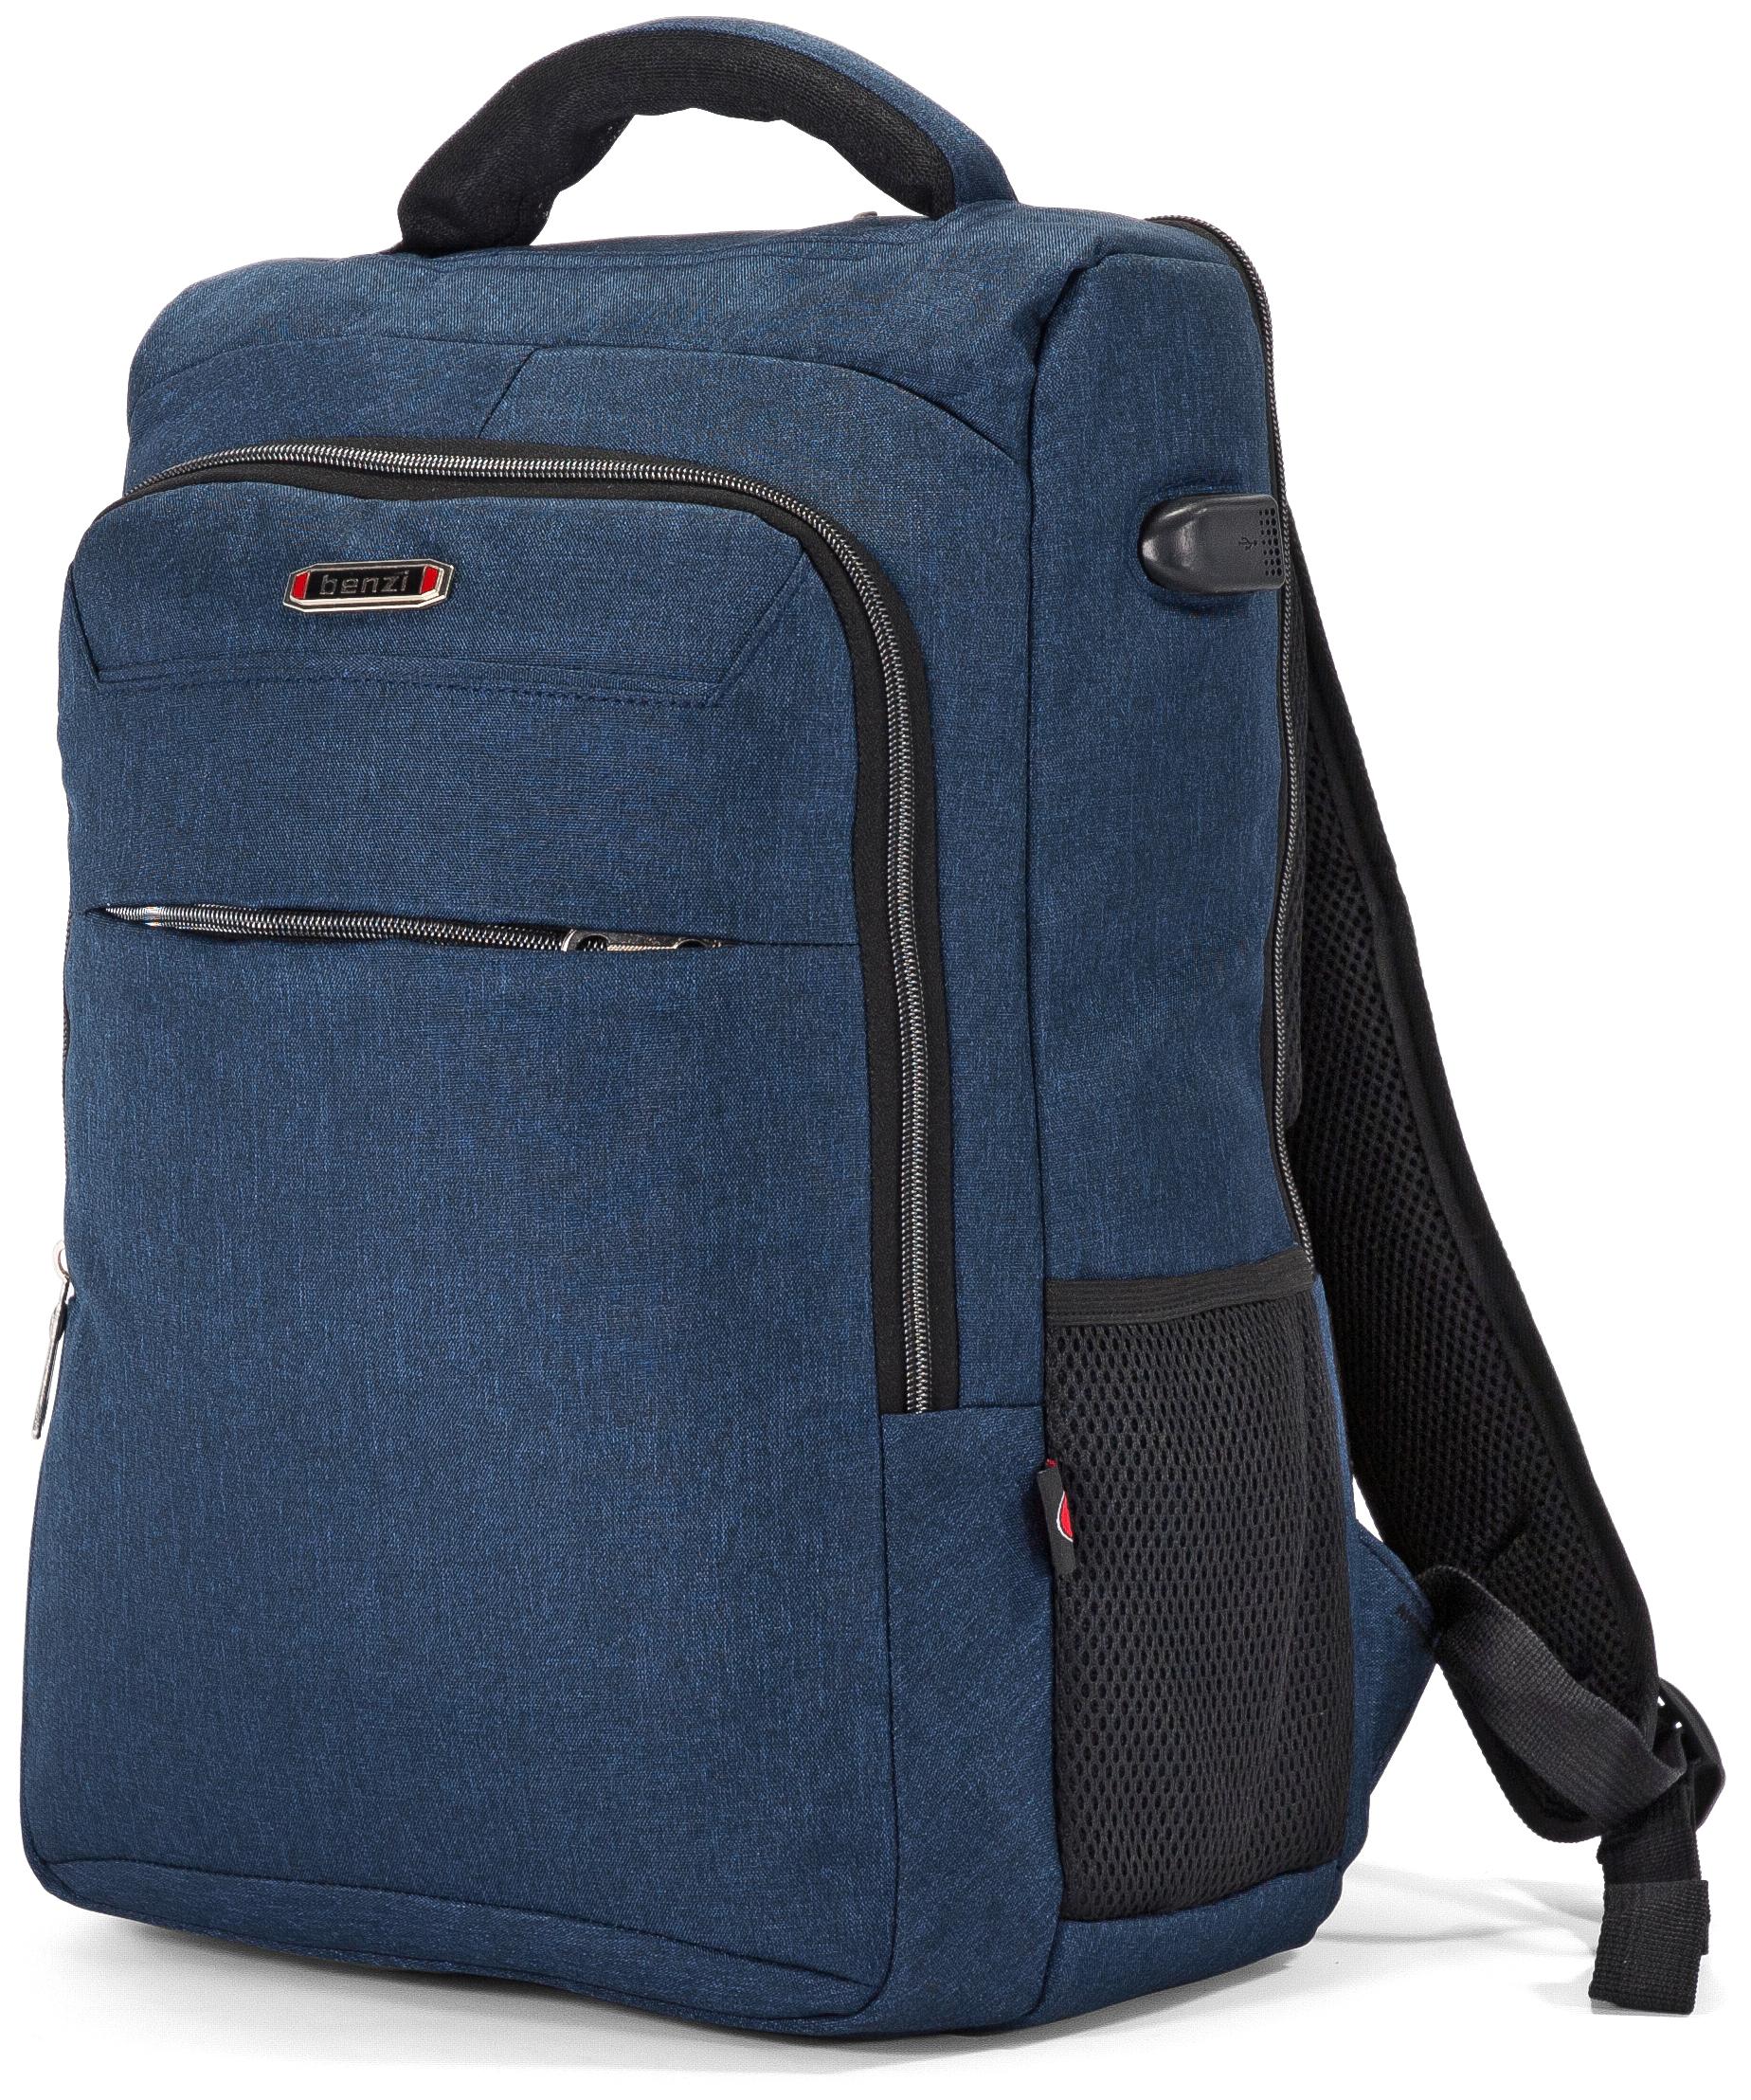 Τσάντα Πλάτης για Laptop 15.6 ίντσες Benzi BZ5448 Μπλε